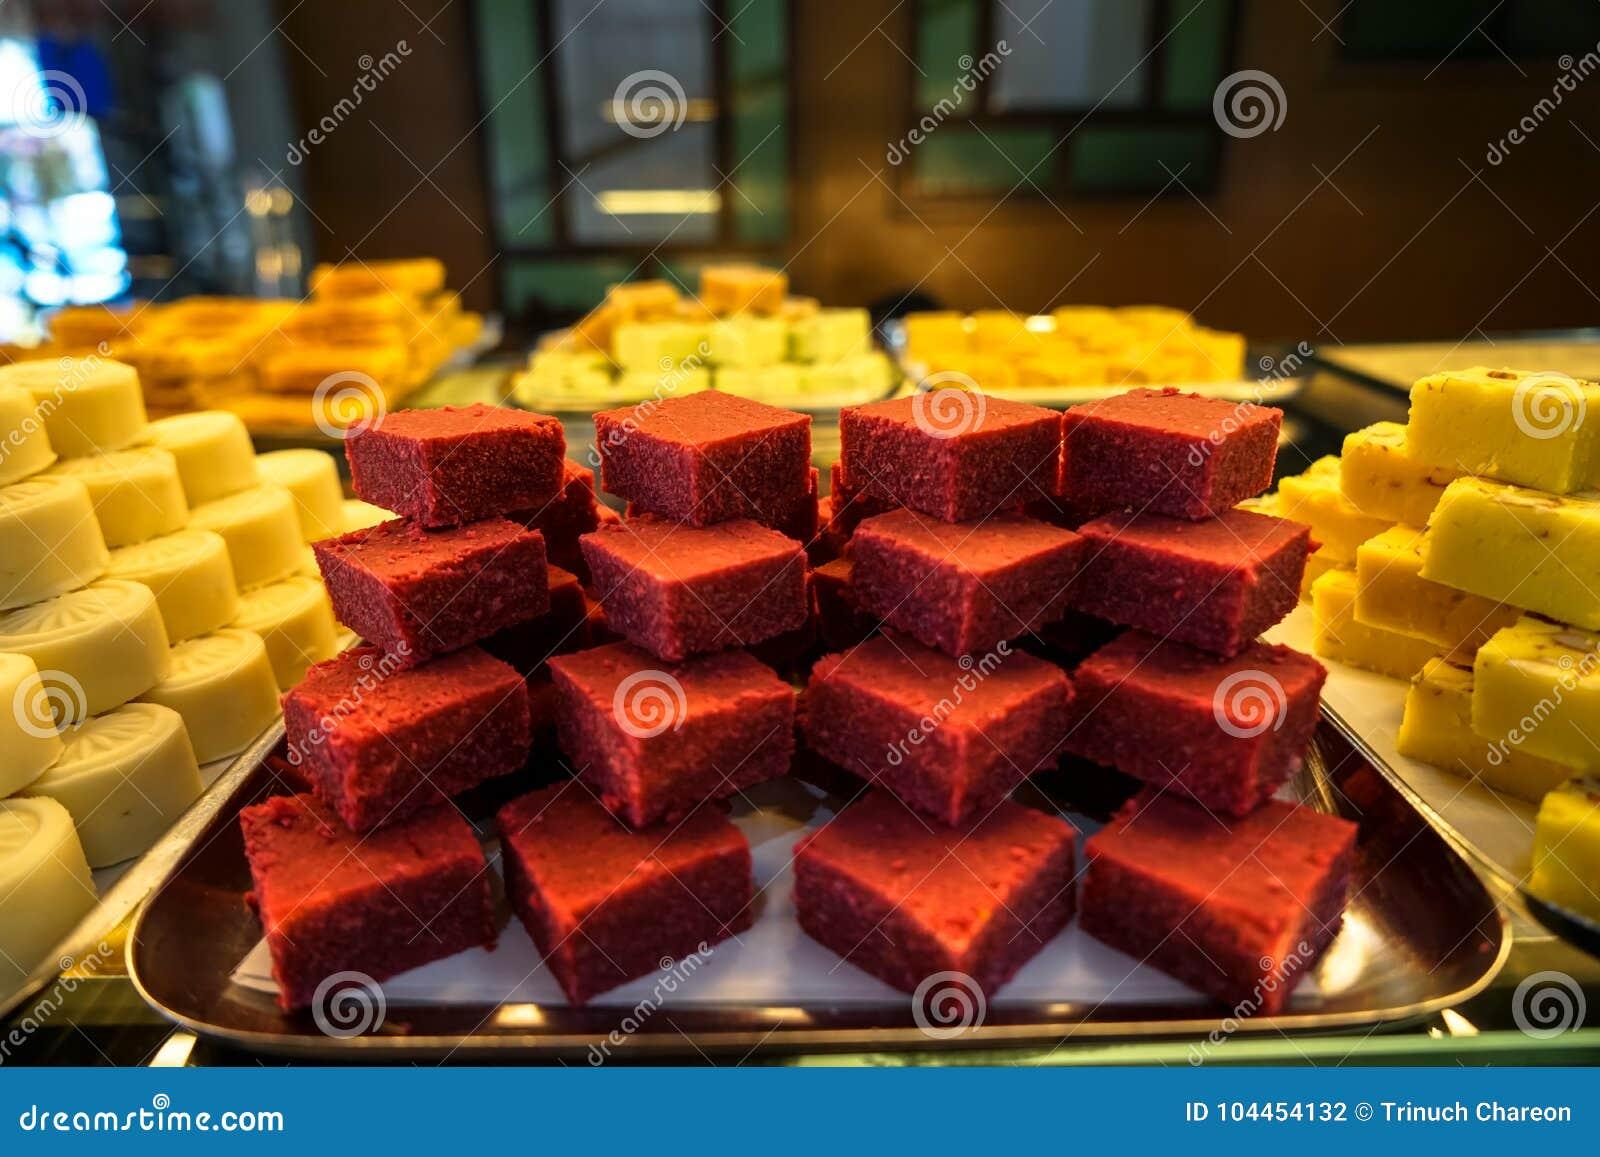 Σύνολο δίσκων ινδικού γλυκού επιδορπίου βελούδου σωρών του ζωηρόχρωμου κόκκινου στην προθήκη αρτοποιείων